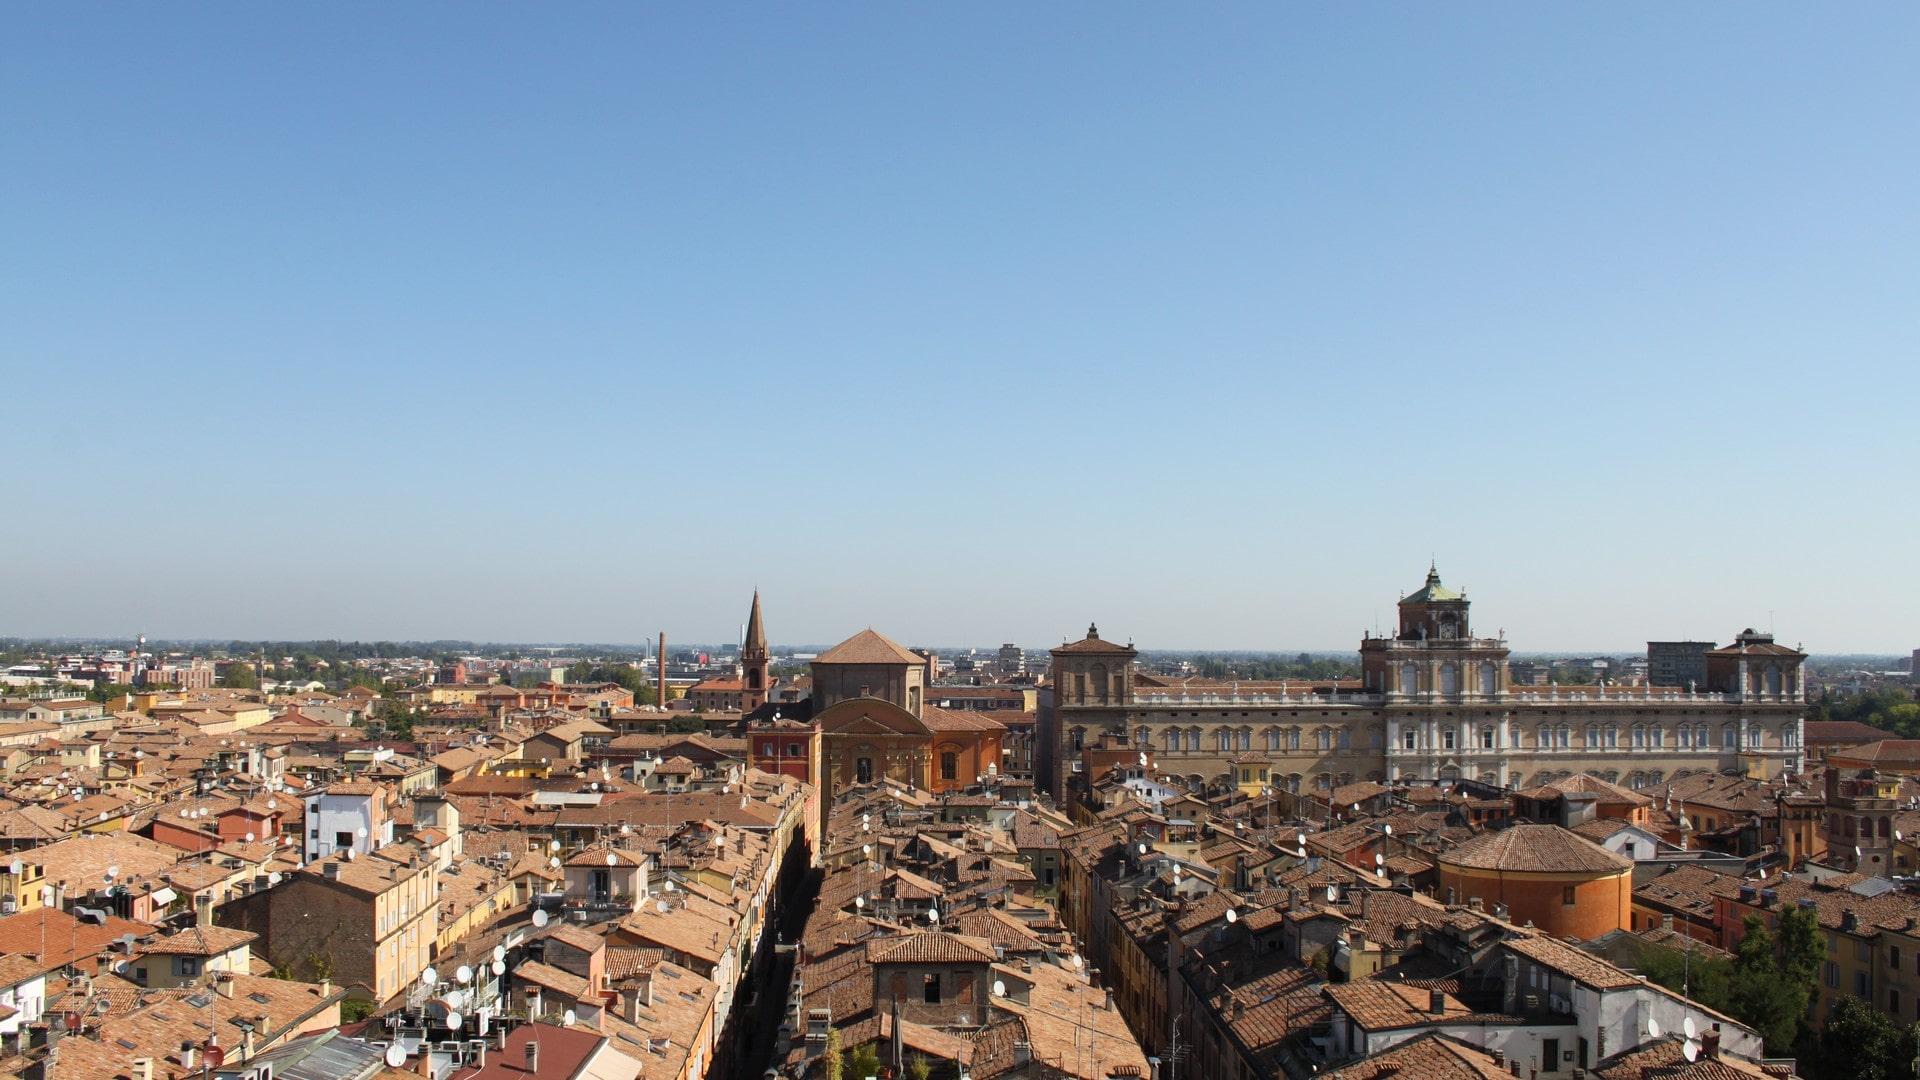 Una meravigliosa vista dall'alto di Modena su cui spicca in primo piano la sfarzosa facciata del palazzo ducale estense e il campanile di una chiesa.